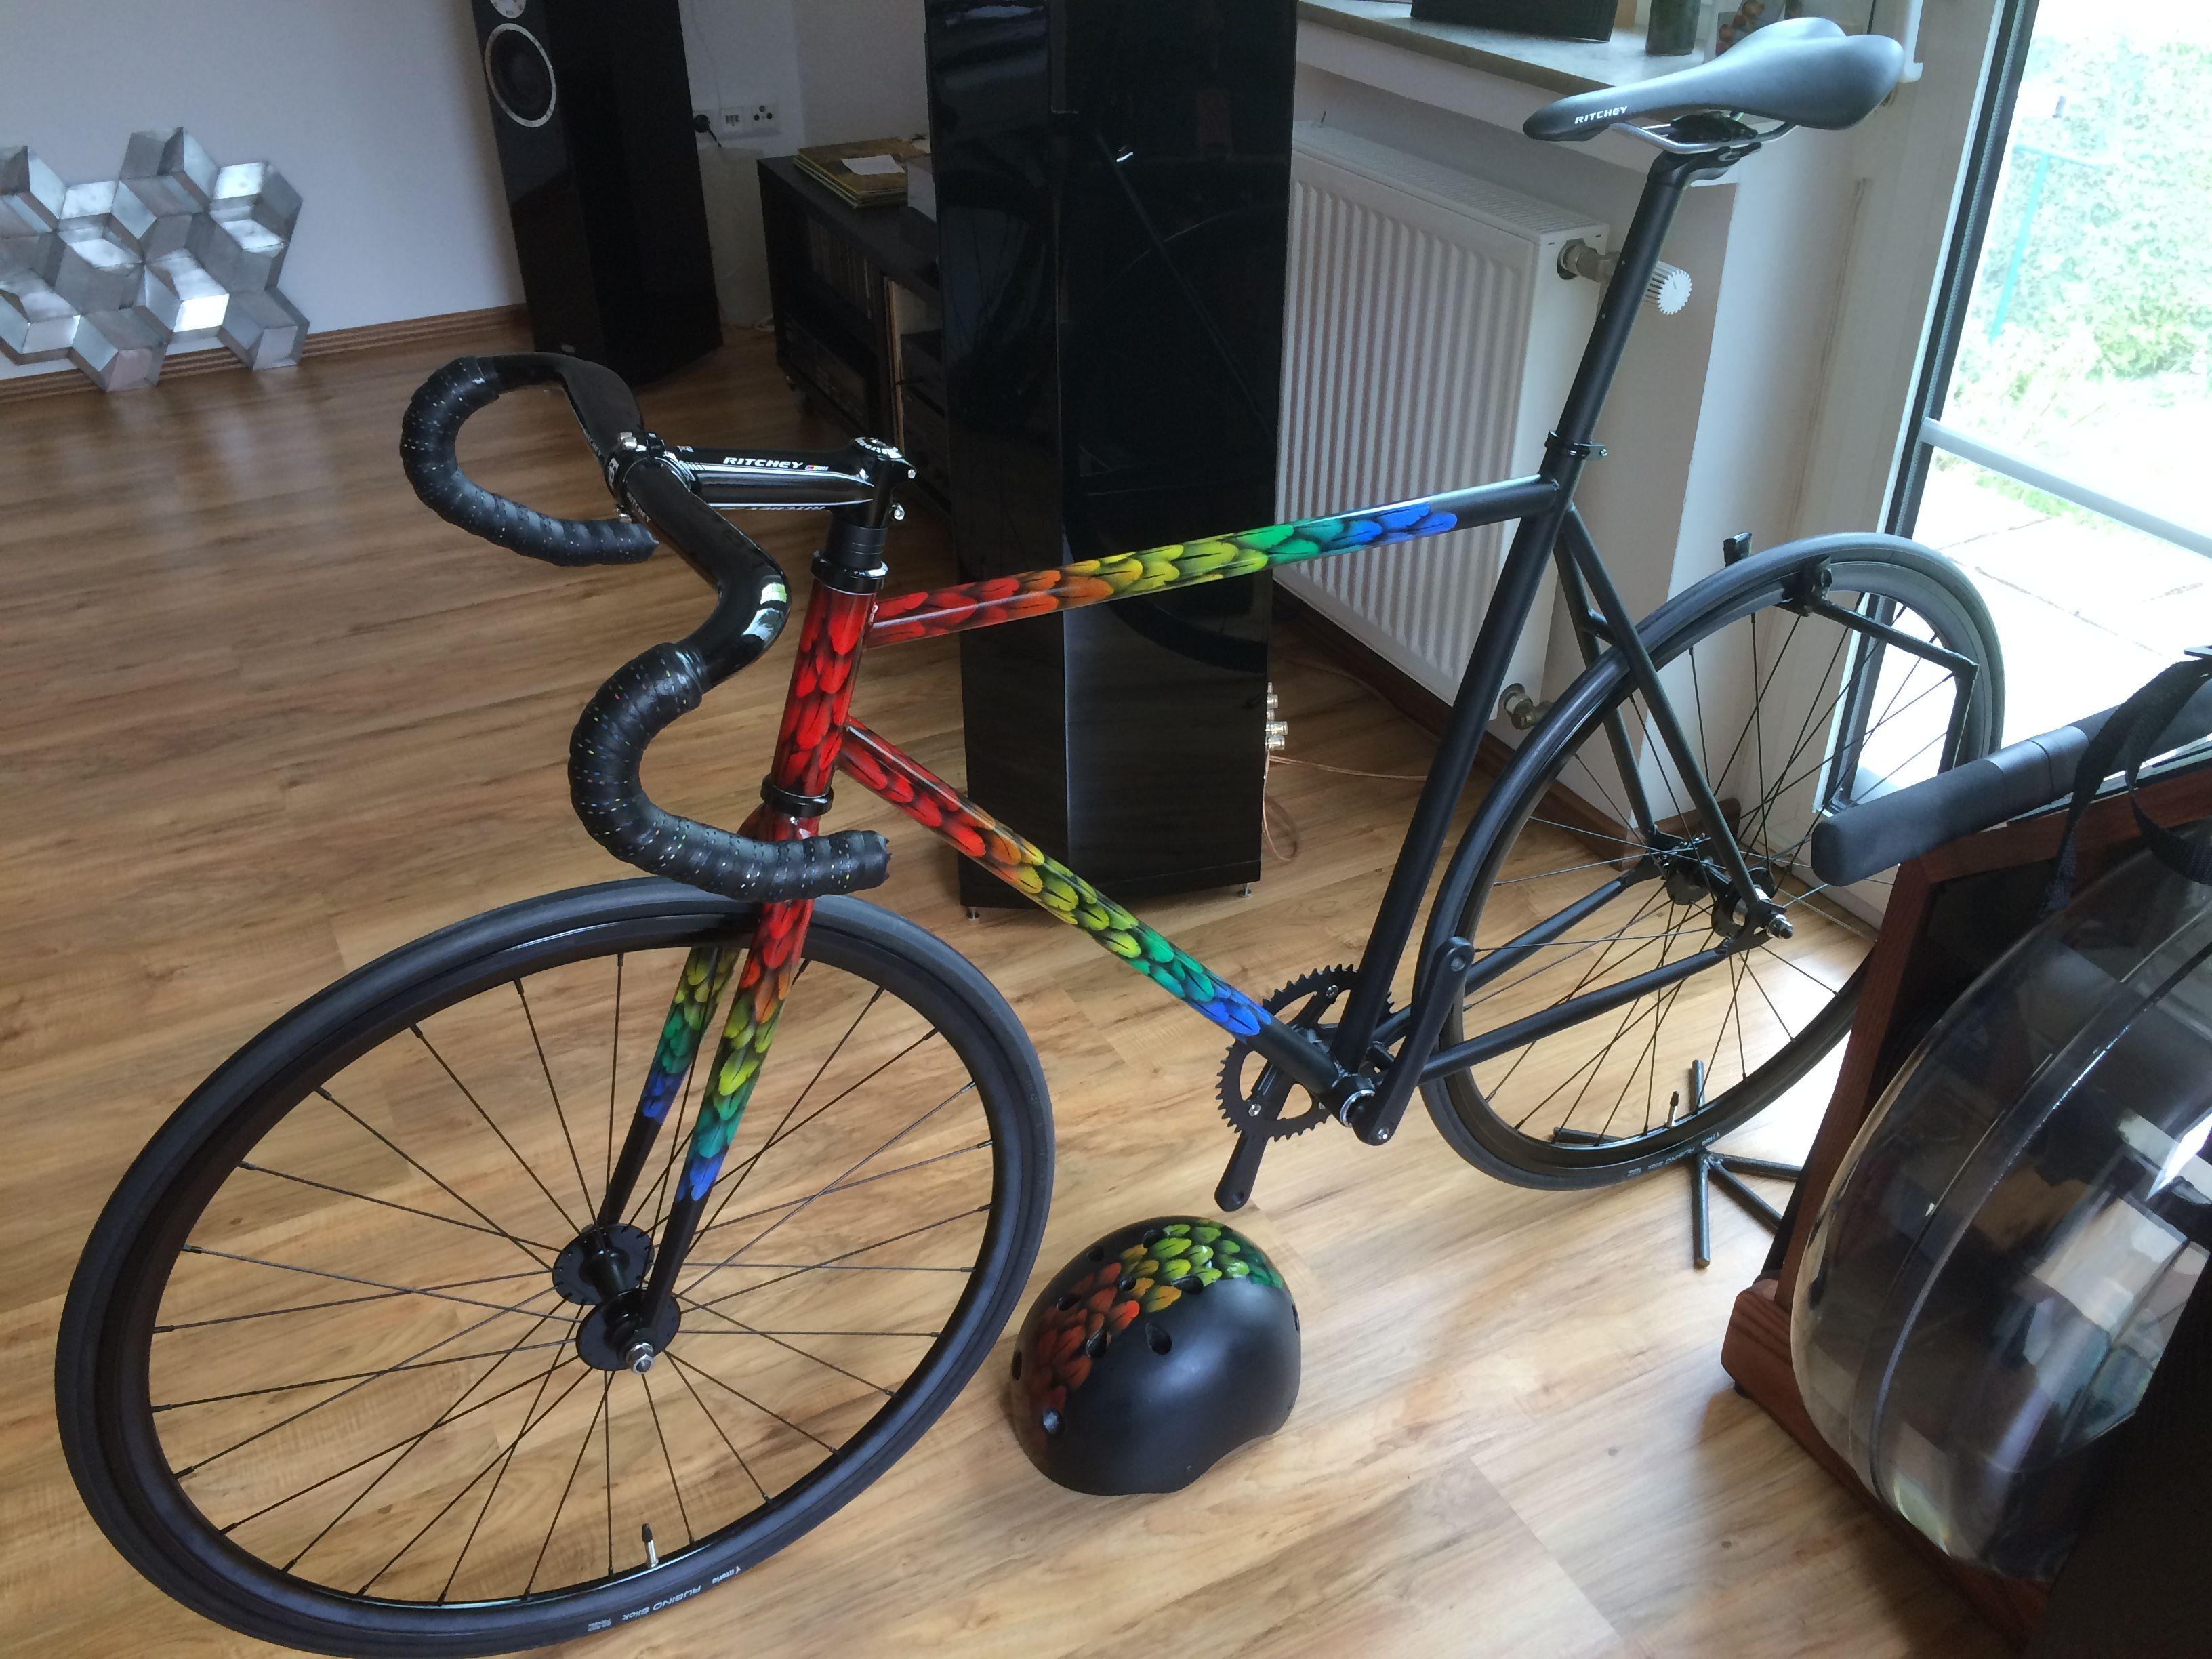 Custom Painted Bike Bicycle Trackbike Singlespeed Fixed Gear Fixie Airbrush